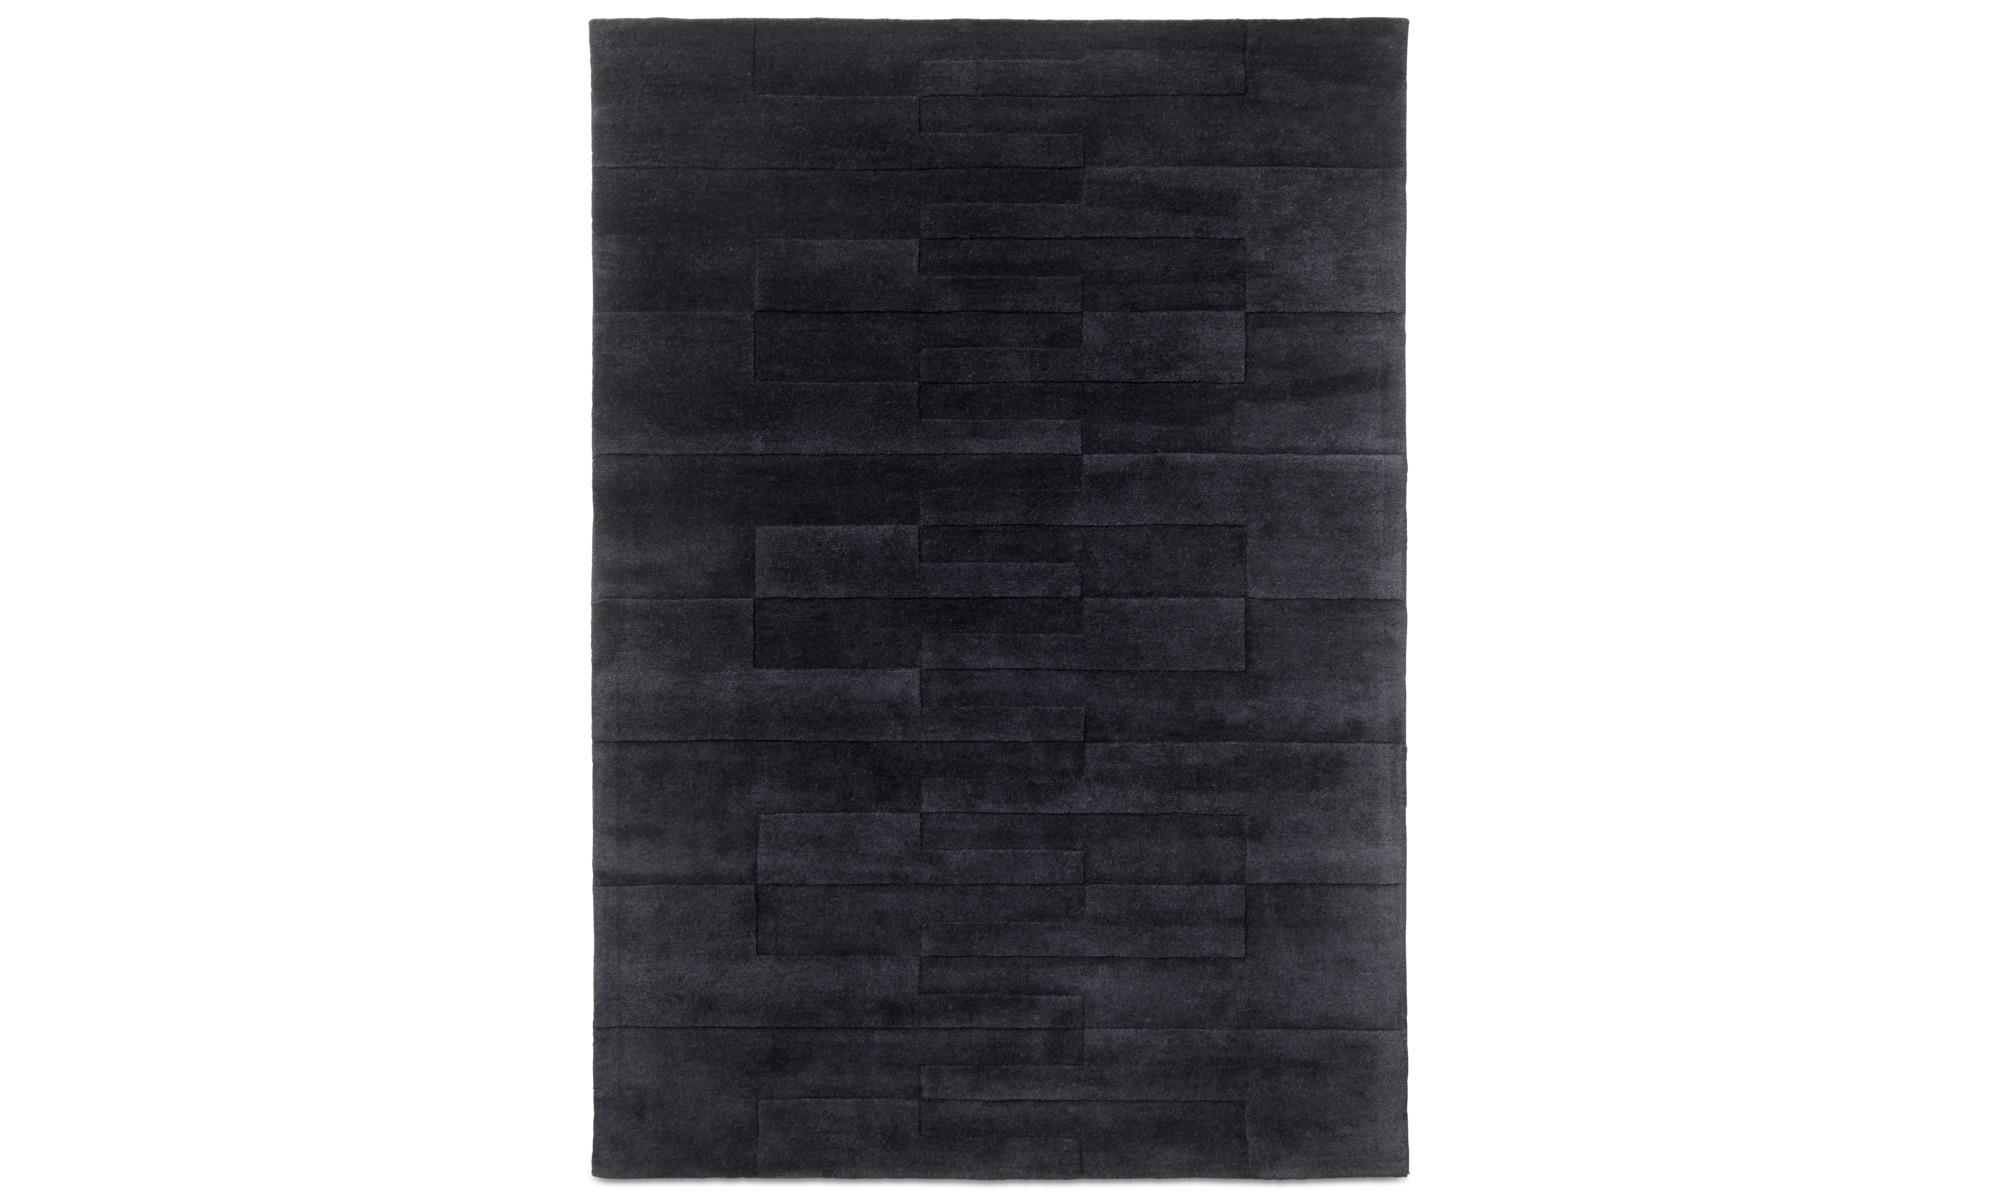 Teppiche - Cosenza Teppich - rechteckig - Blau - Wolle